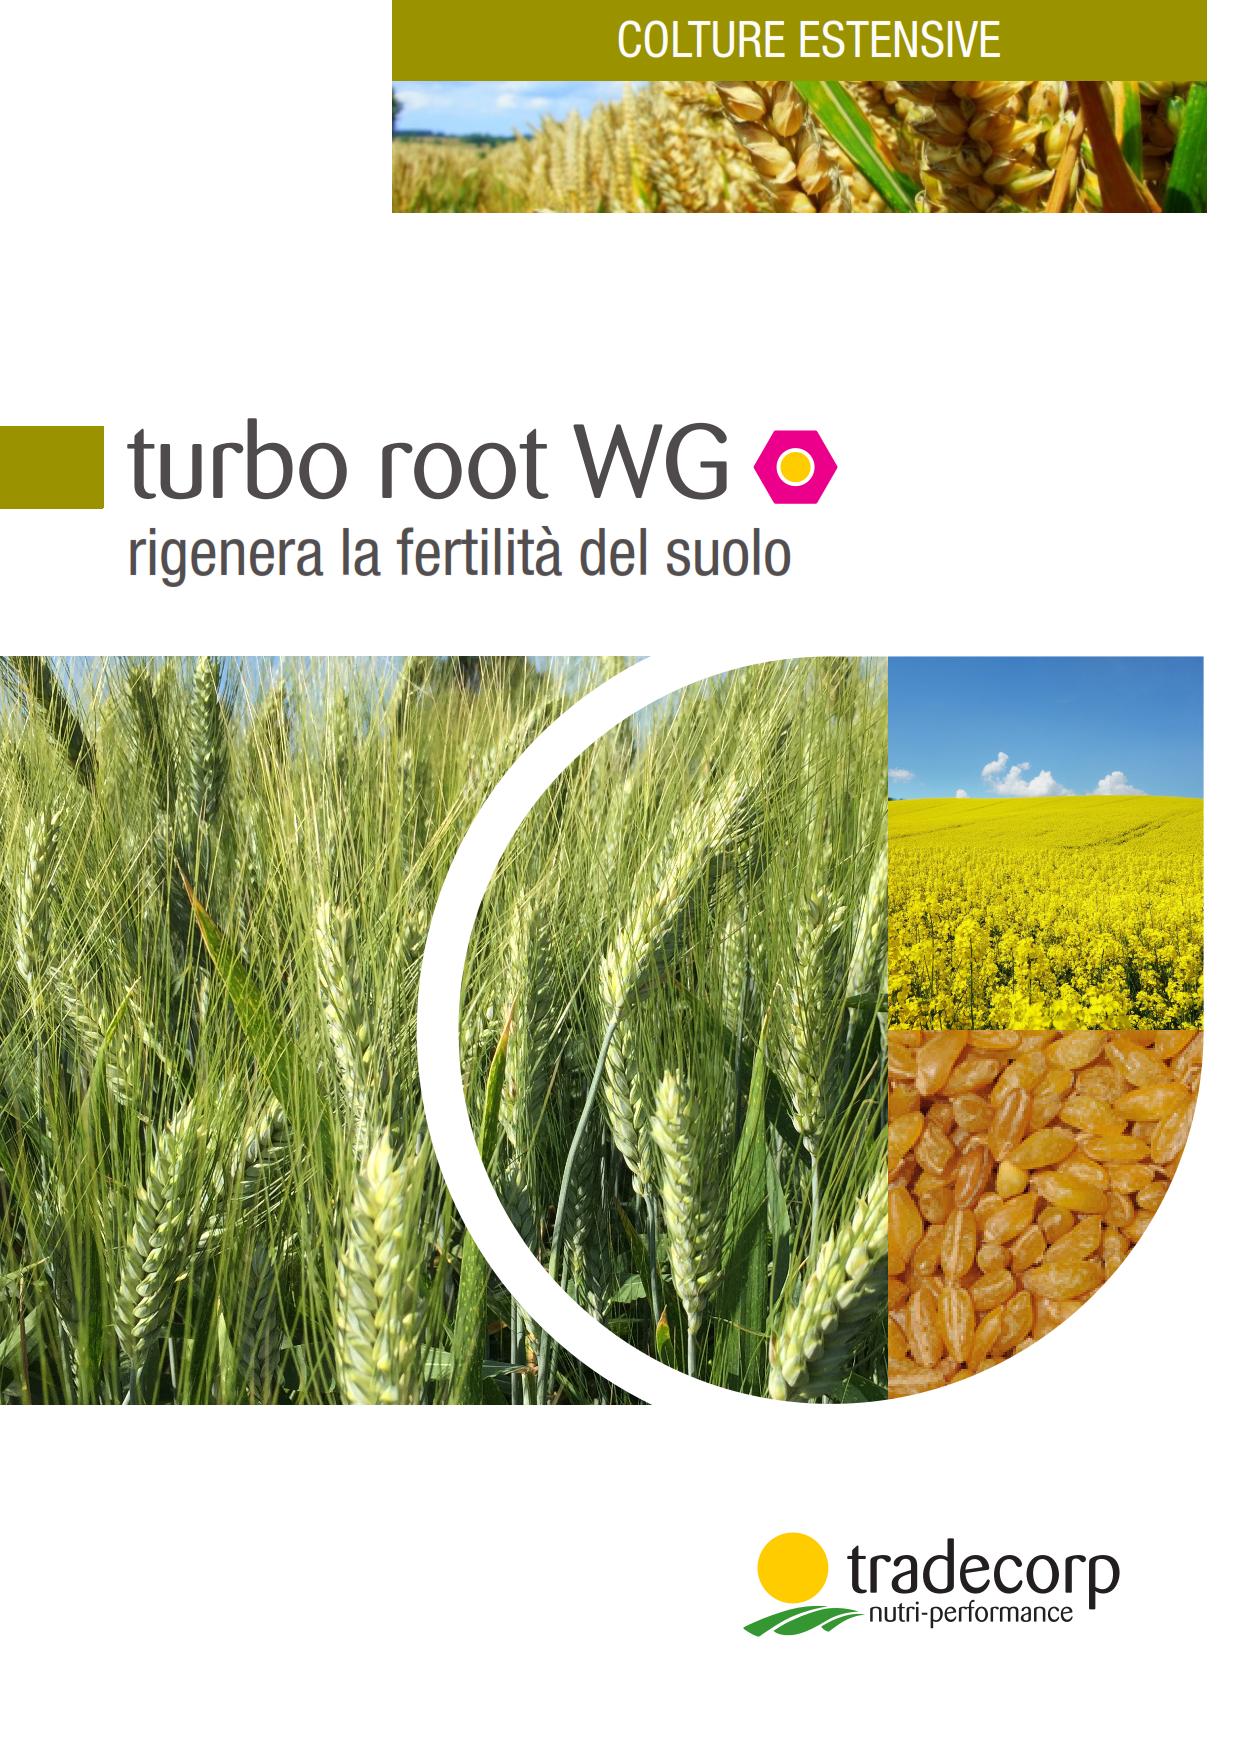 turboroot_estensive2016_001